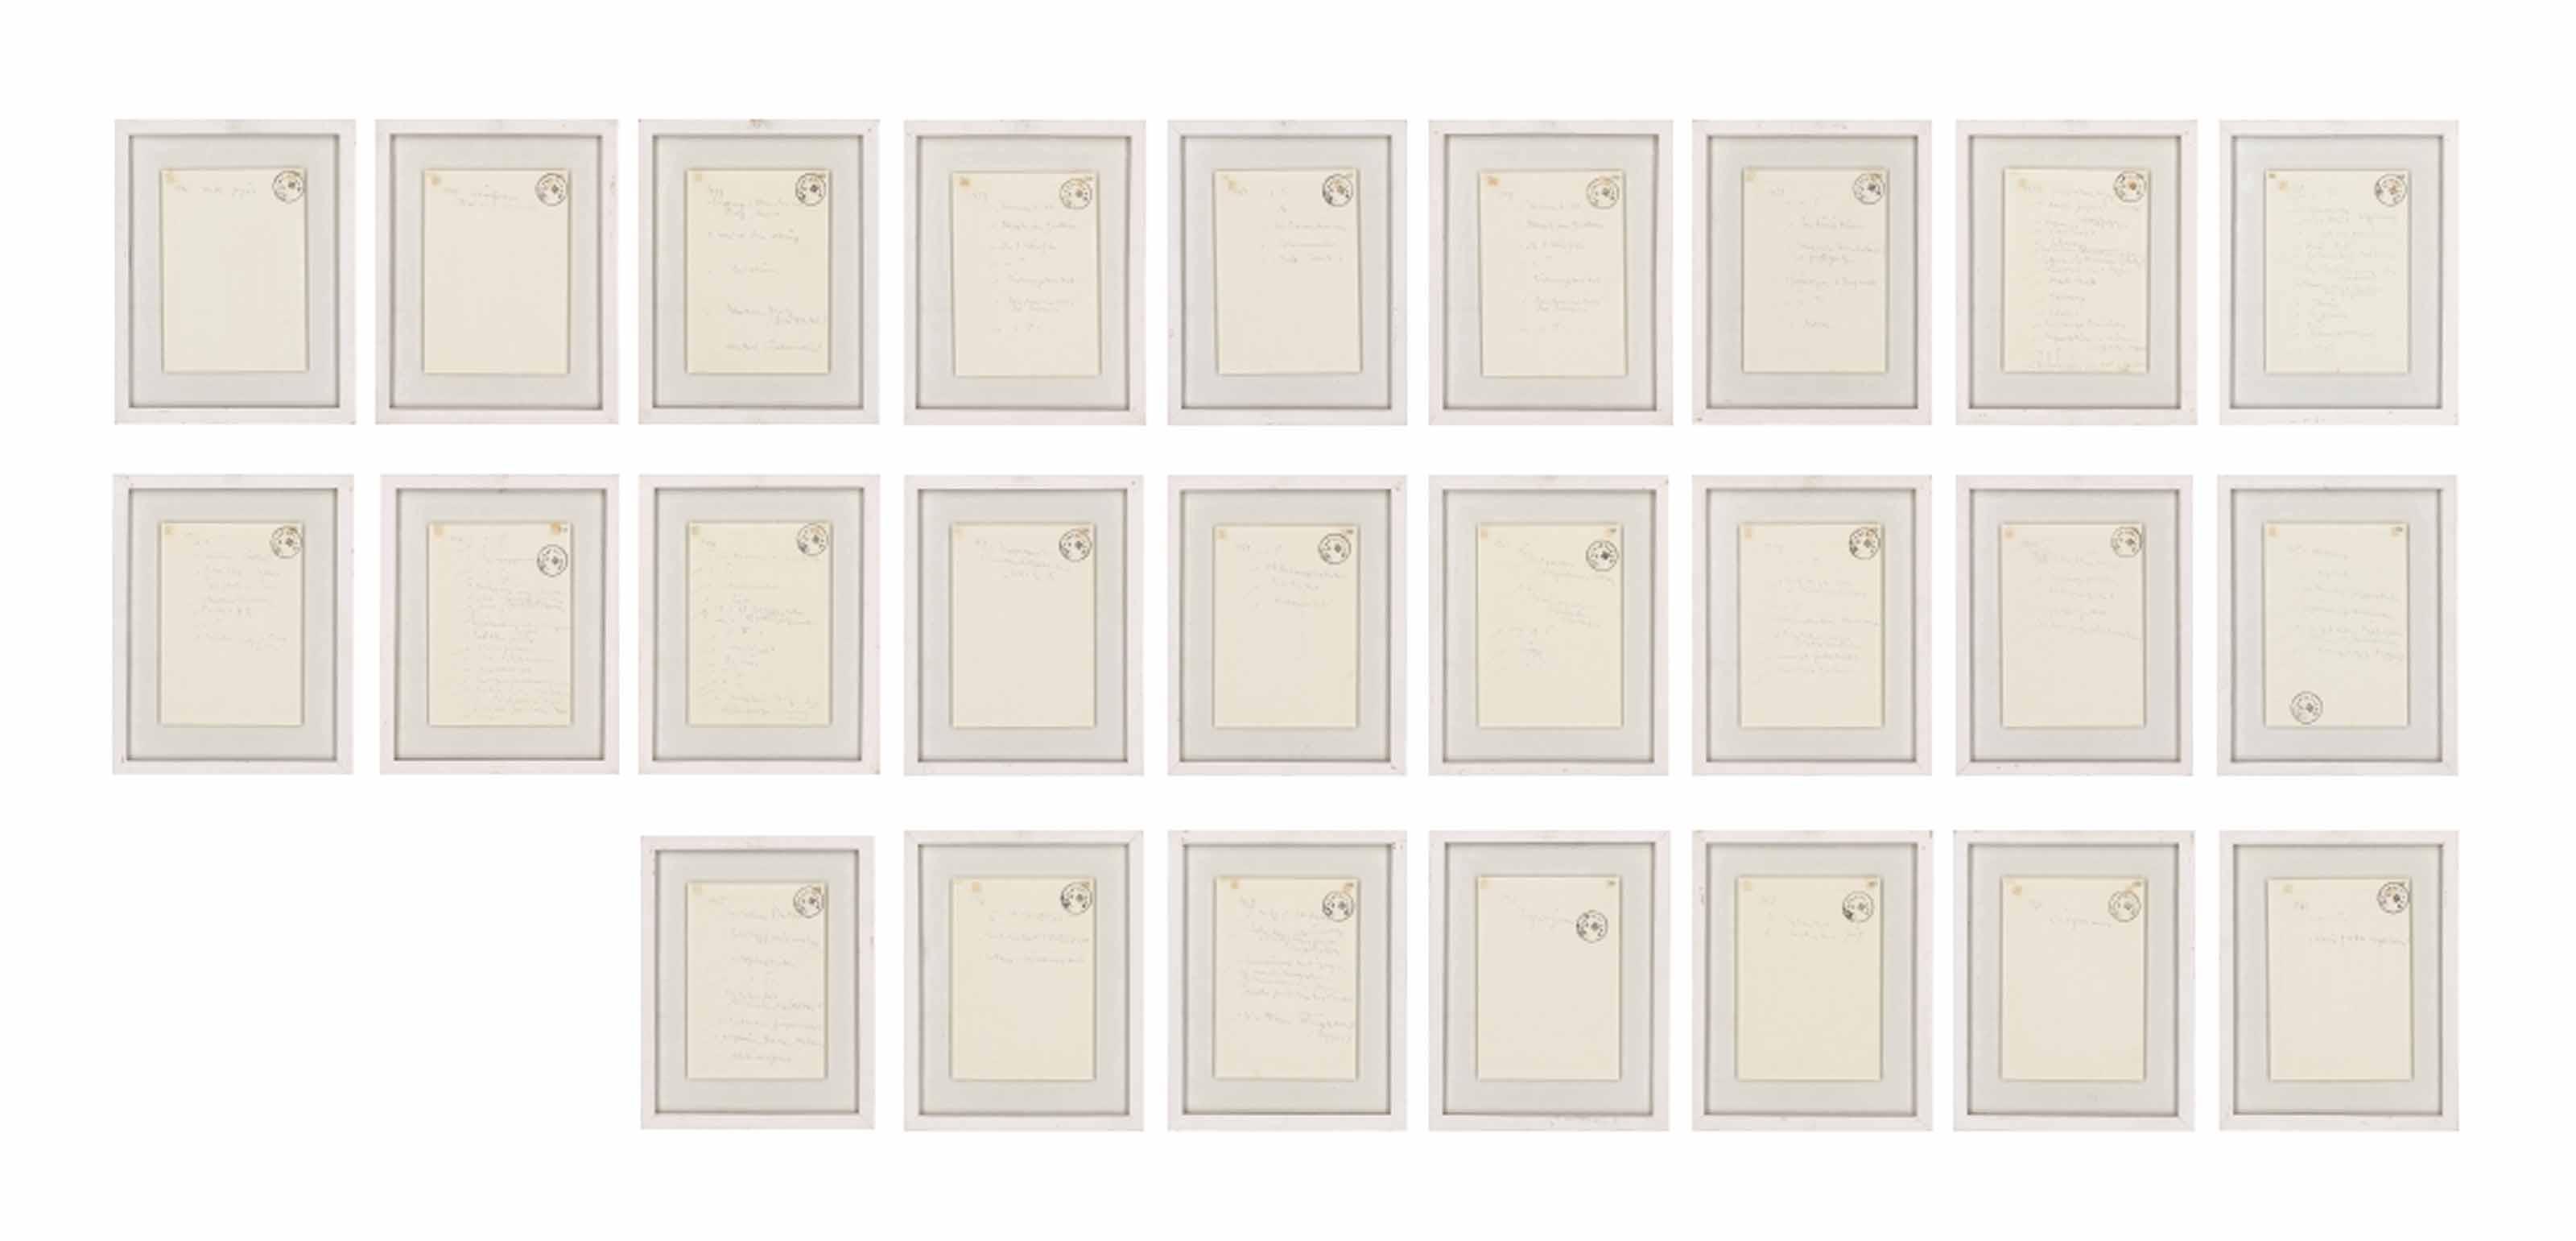 Untitled (25 Partituren) (25 Musical Scores)